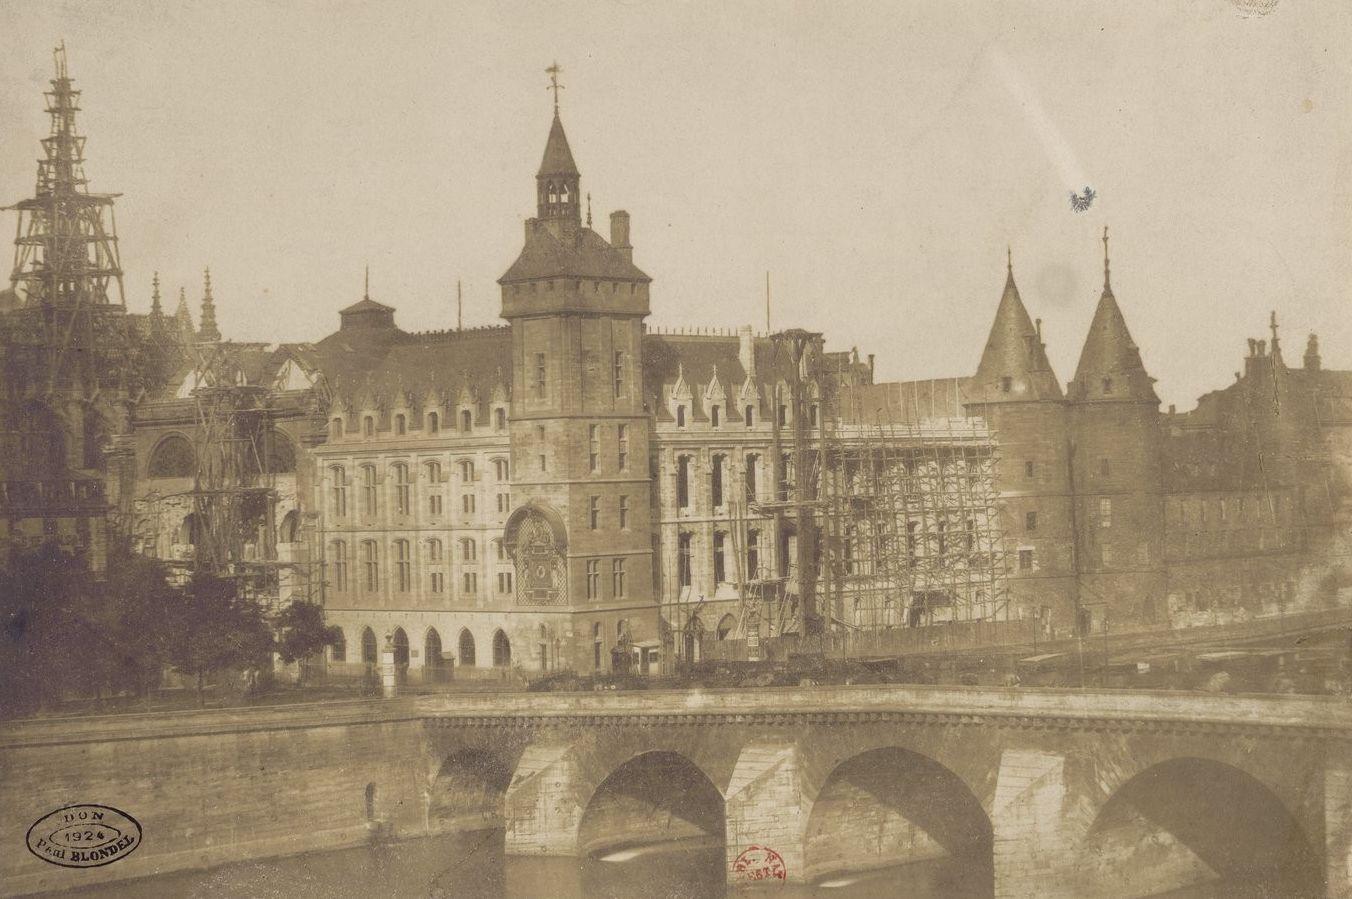 Le palais de Justice et le pont au Change, vus du quai de Gesvres, vers 1853. Attribué à Gustave Le Gray (1820-1884)